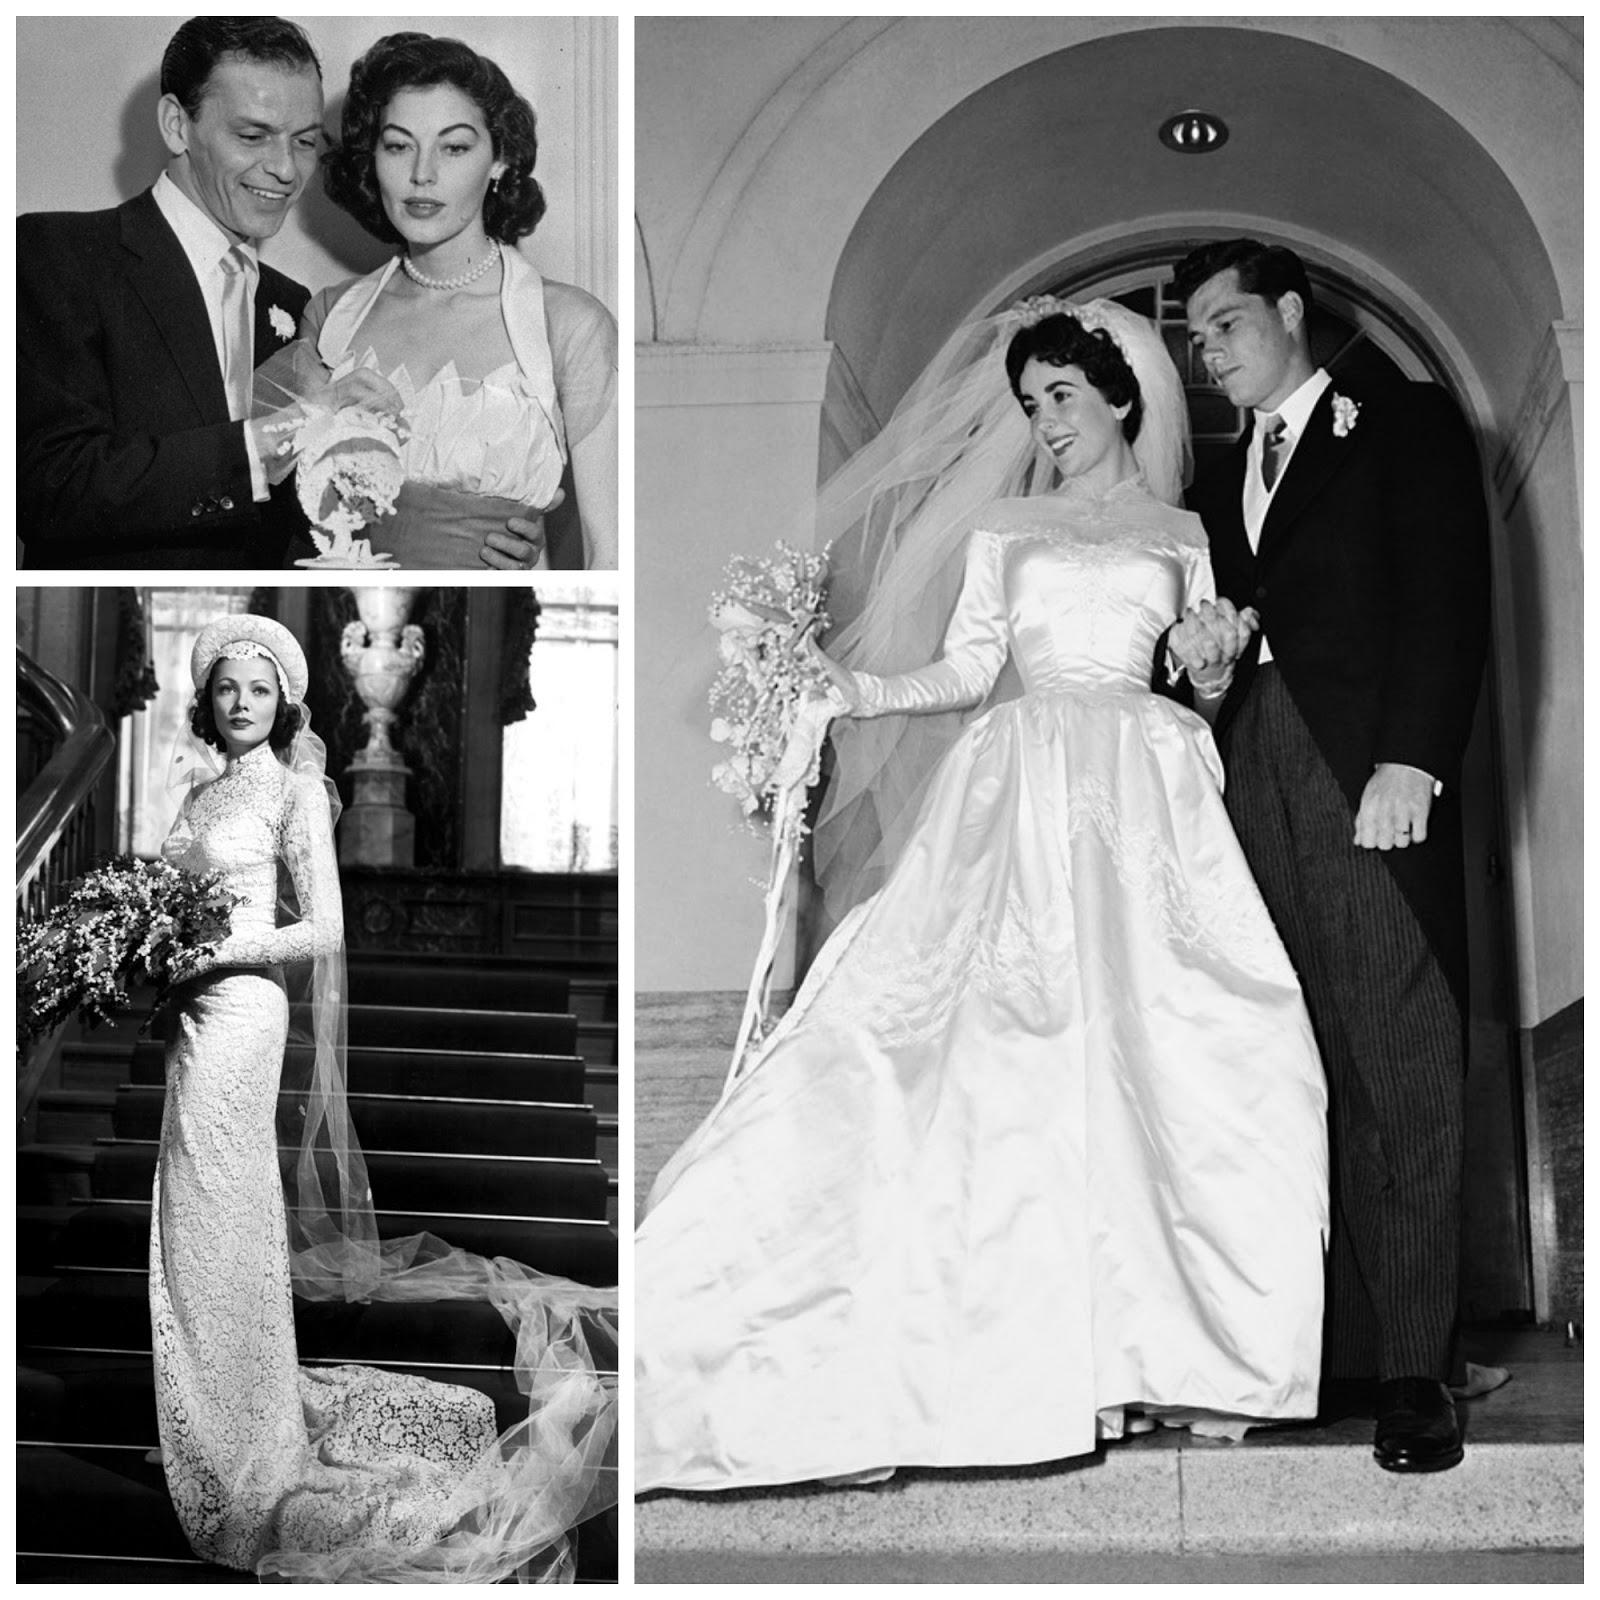 Ava Gardner Wedding Dresses | Dress images